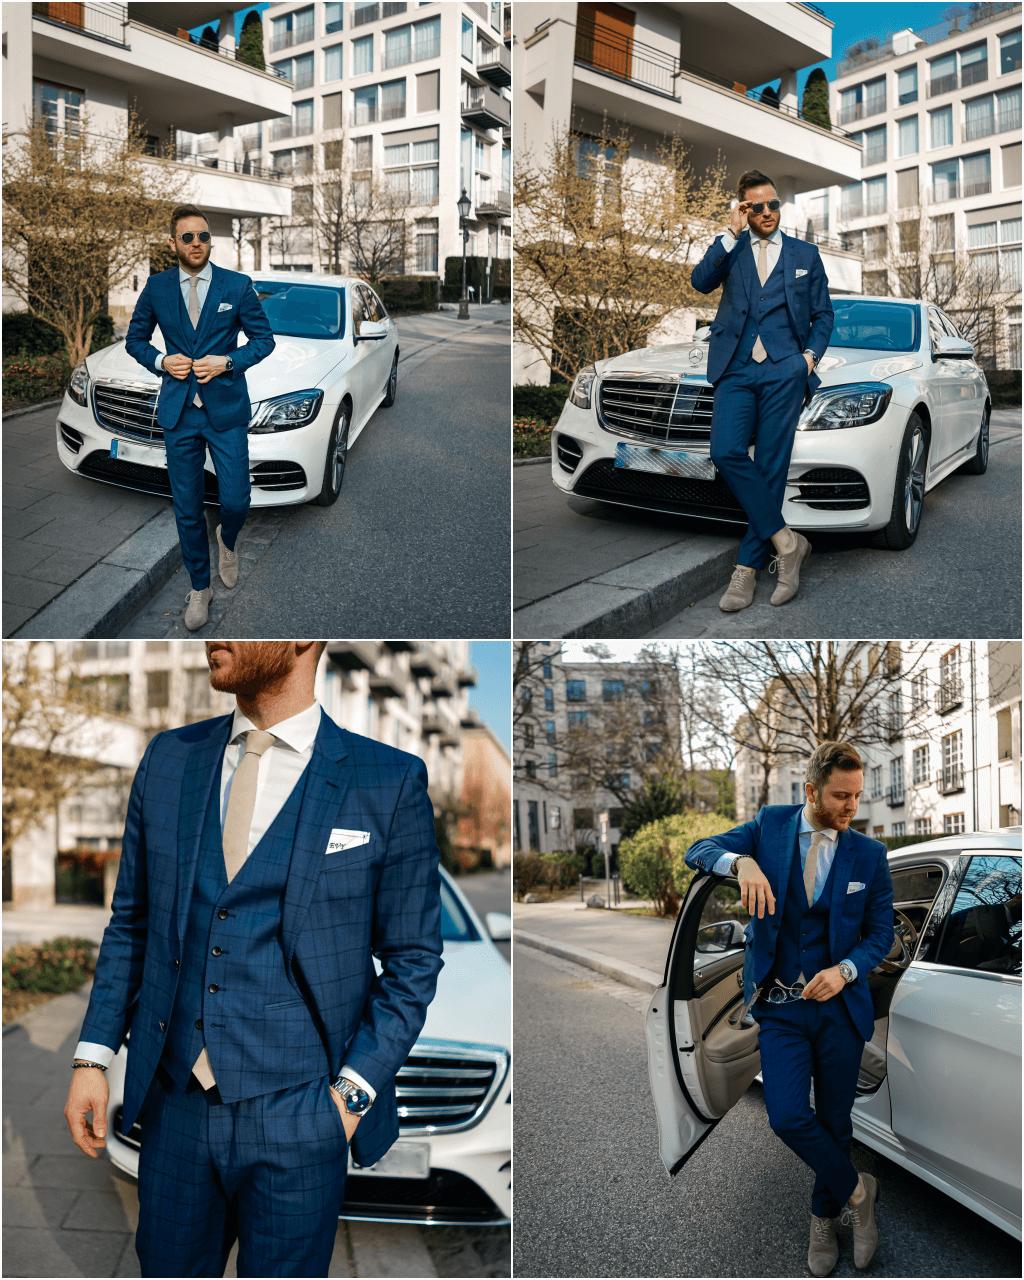 blau, karierter Dreiteiler Anzug von BOSS passend zum diamantweißen S 400d von Mercedes-Benz